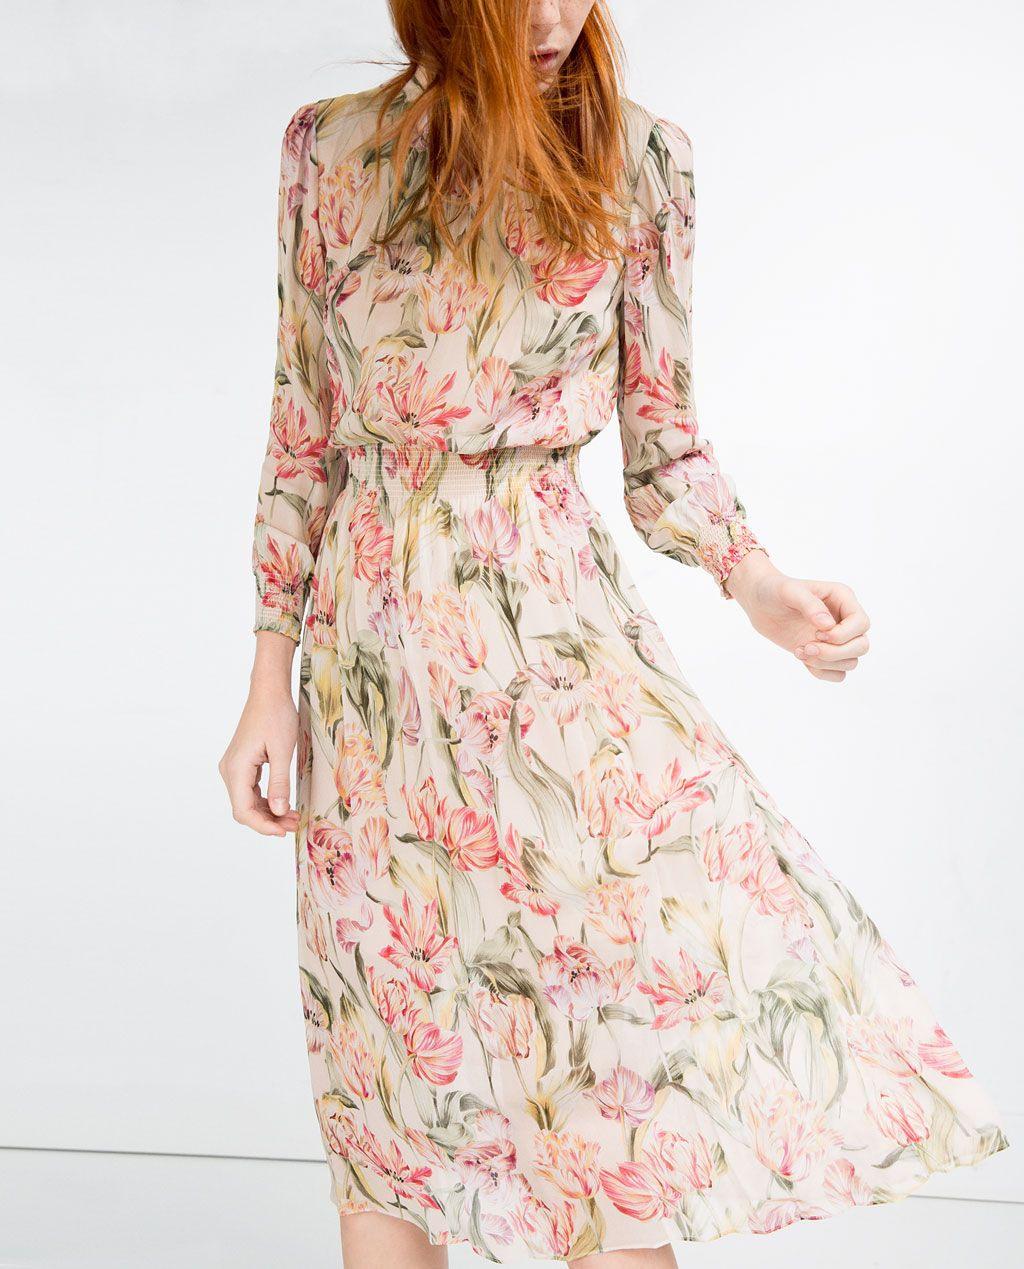 17 Schön Abendkleid Von Zara Galerie20 Wunderbar Abendkleid Von Zara Spezialgebiet